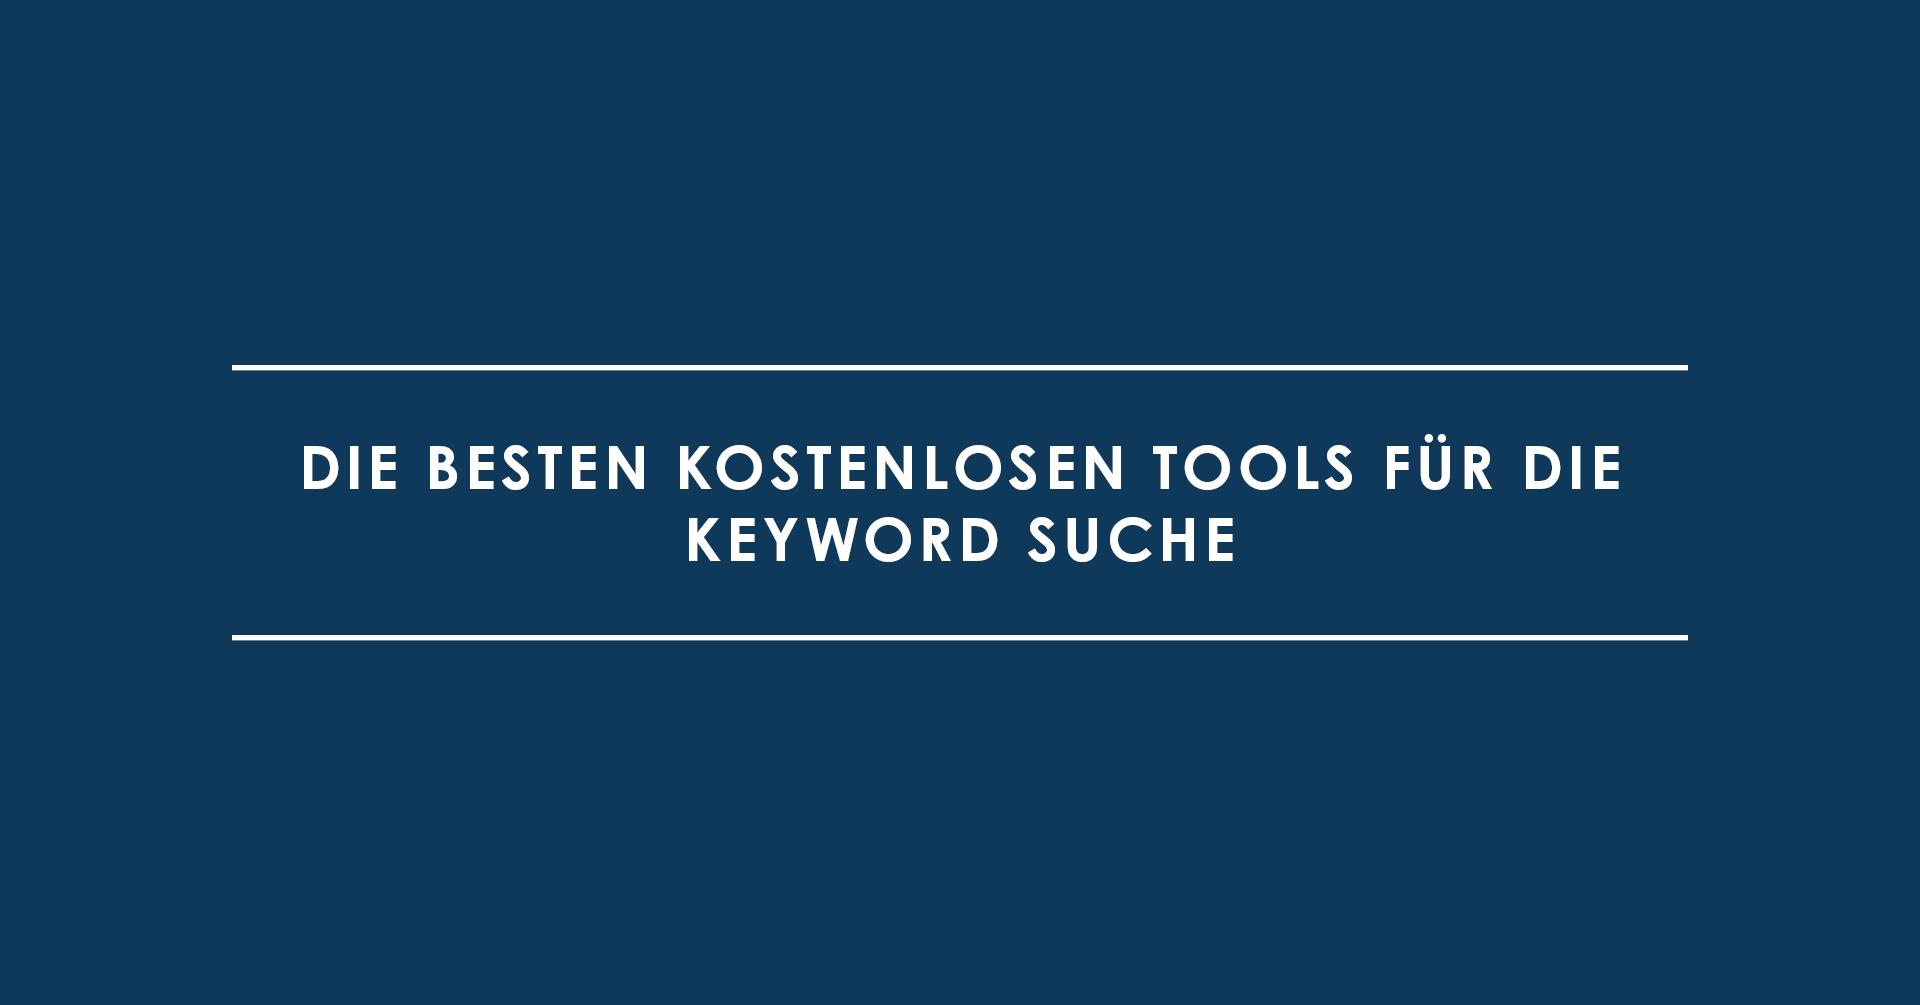 Die besten kostenlosen Tools für die Keyword Suche